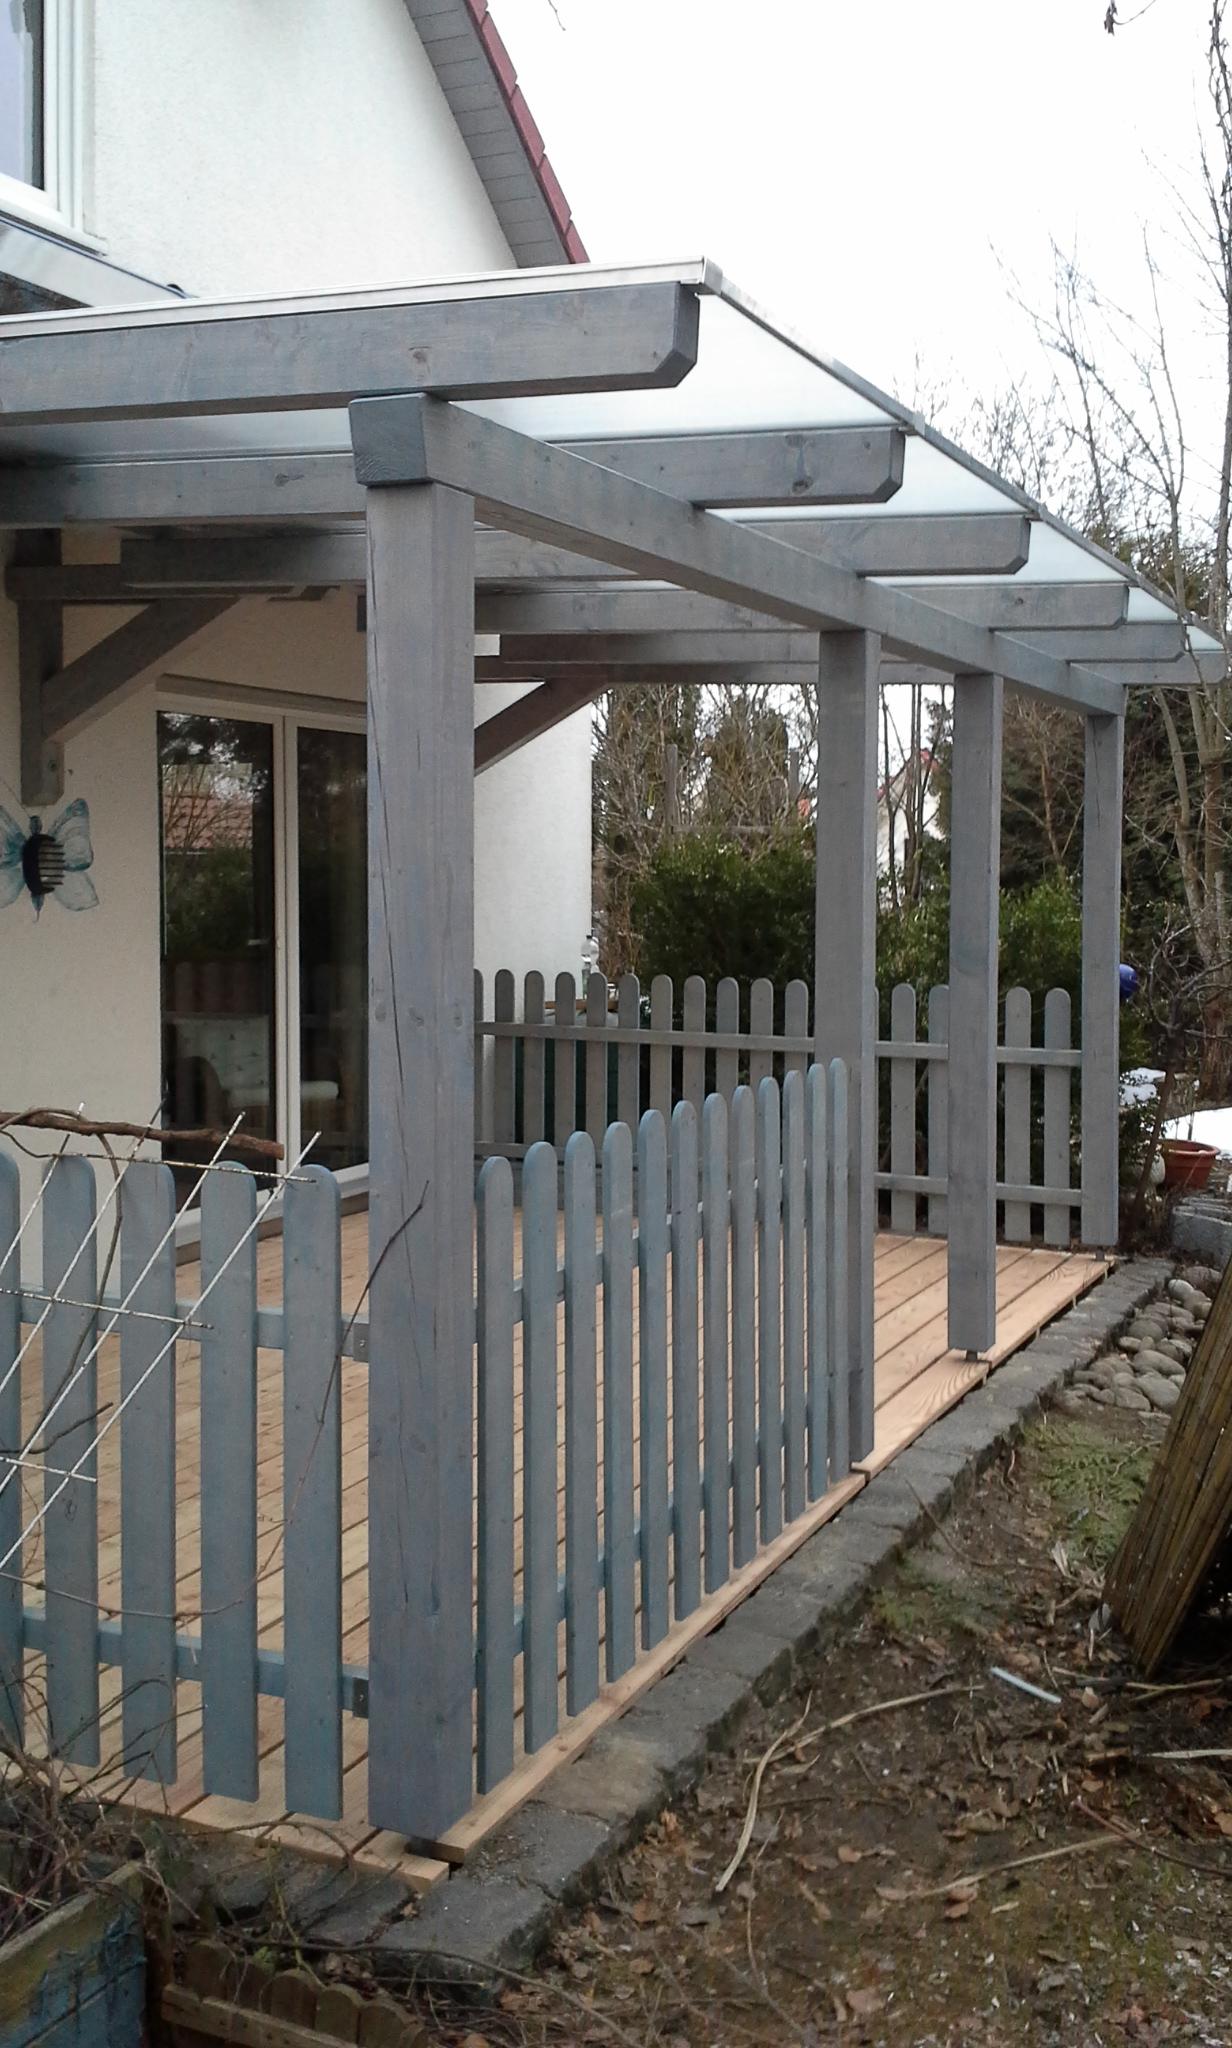 zimmermeister christian uelk sanierung einer terrasse mit berdachung. Black Bedroom Furniture Sets. Home Design Ideas